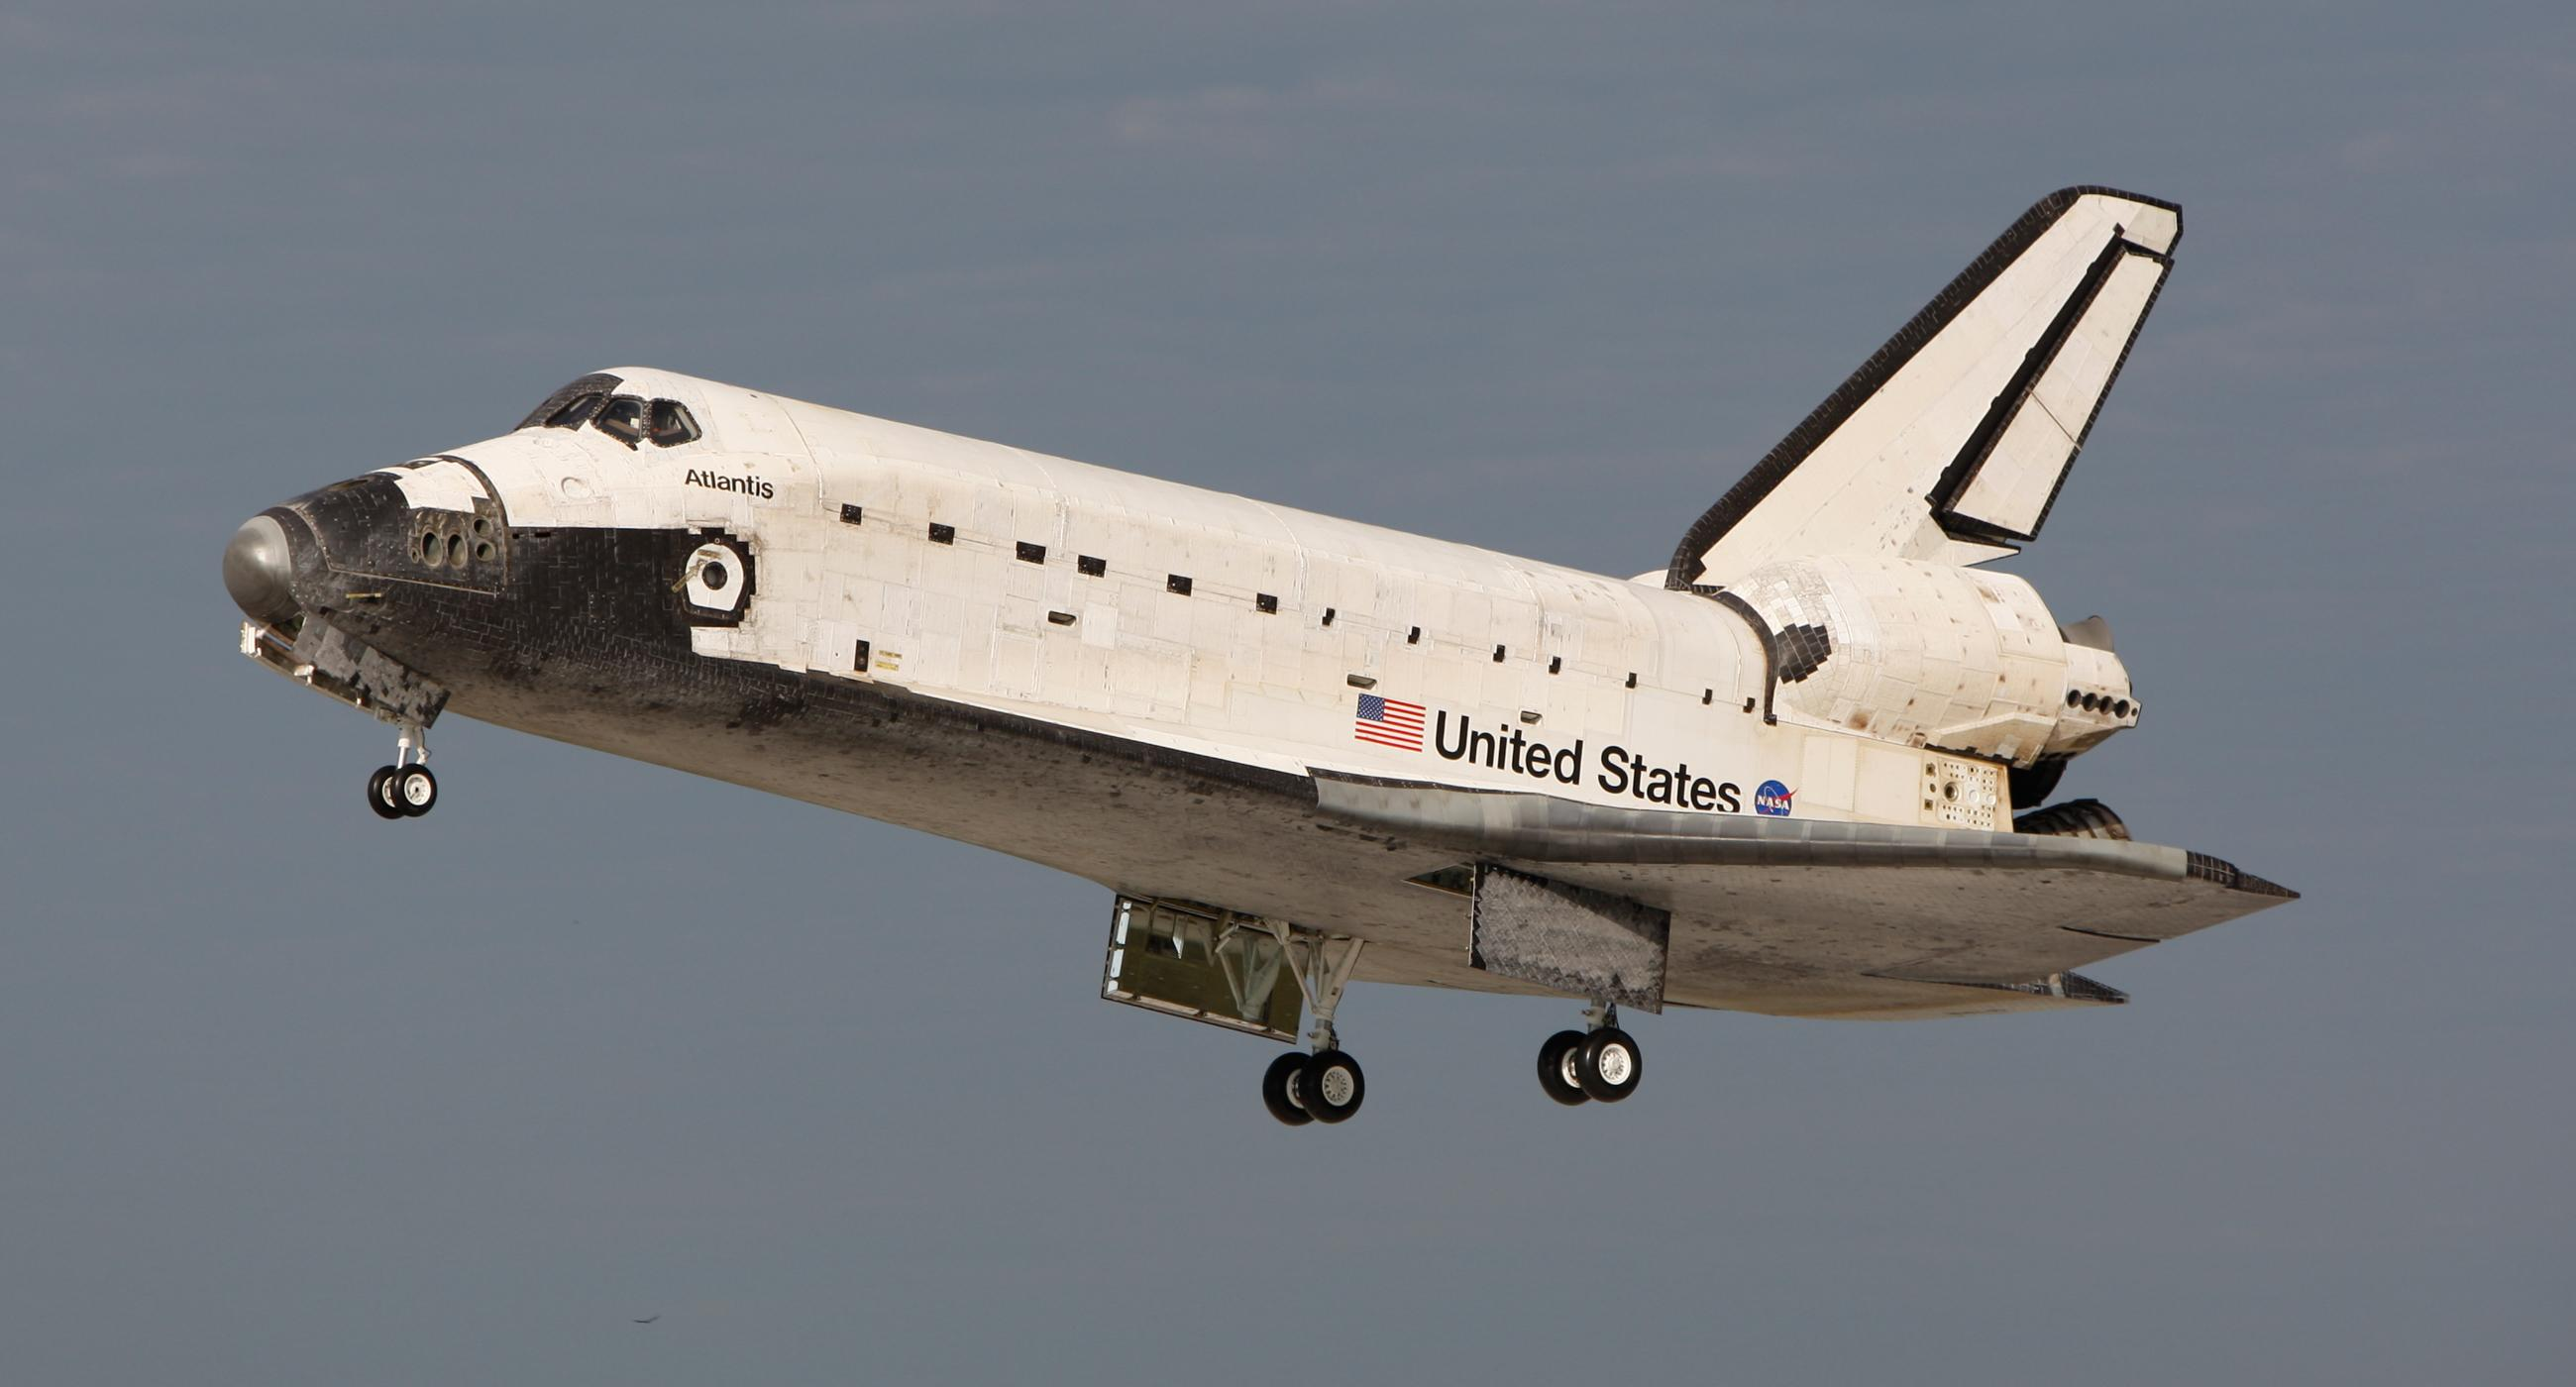 space shuttle orbiter atlantis - photo #11